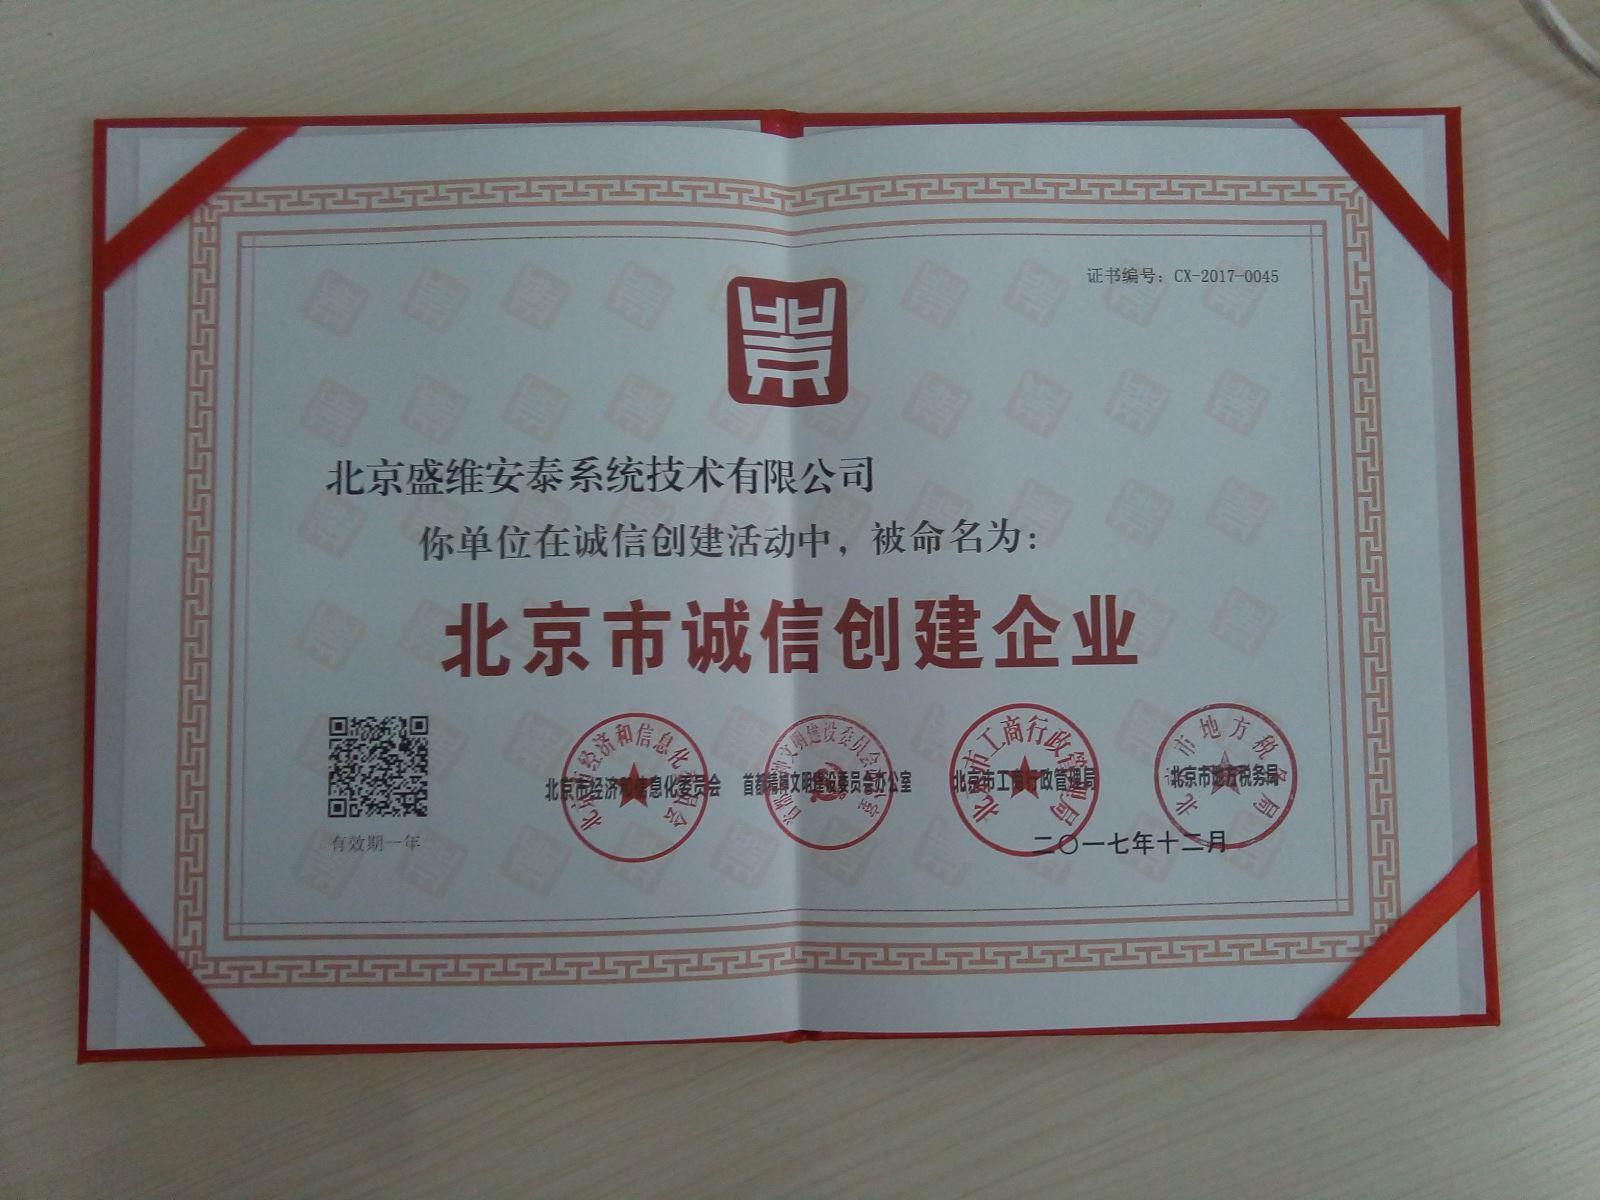 恭喜北京盛维安泰获得北京市诚信创建企业